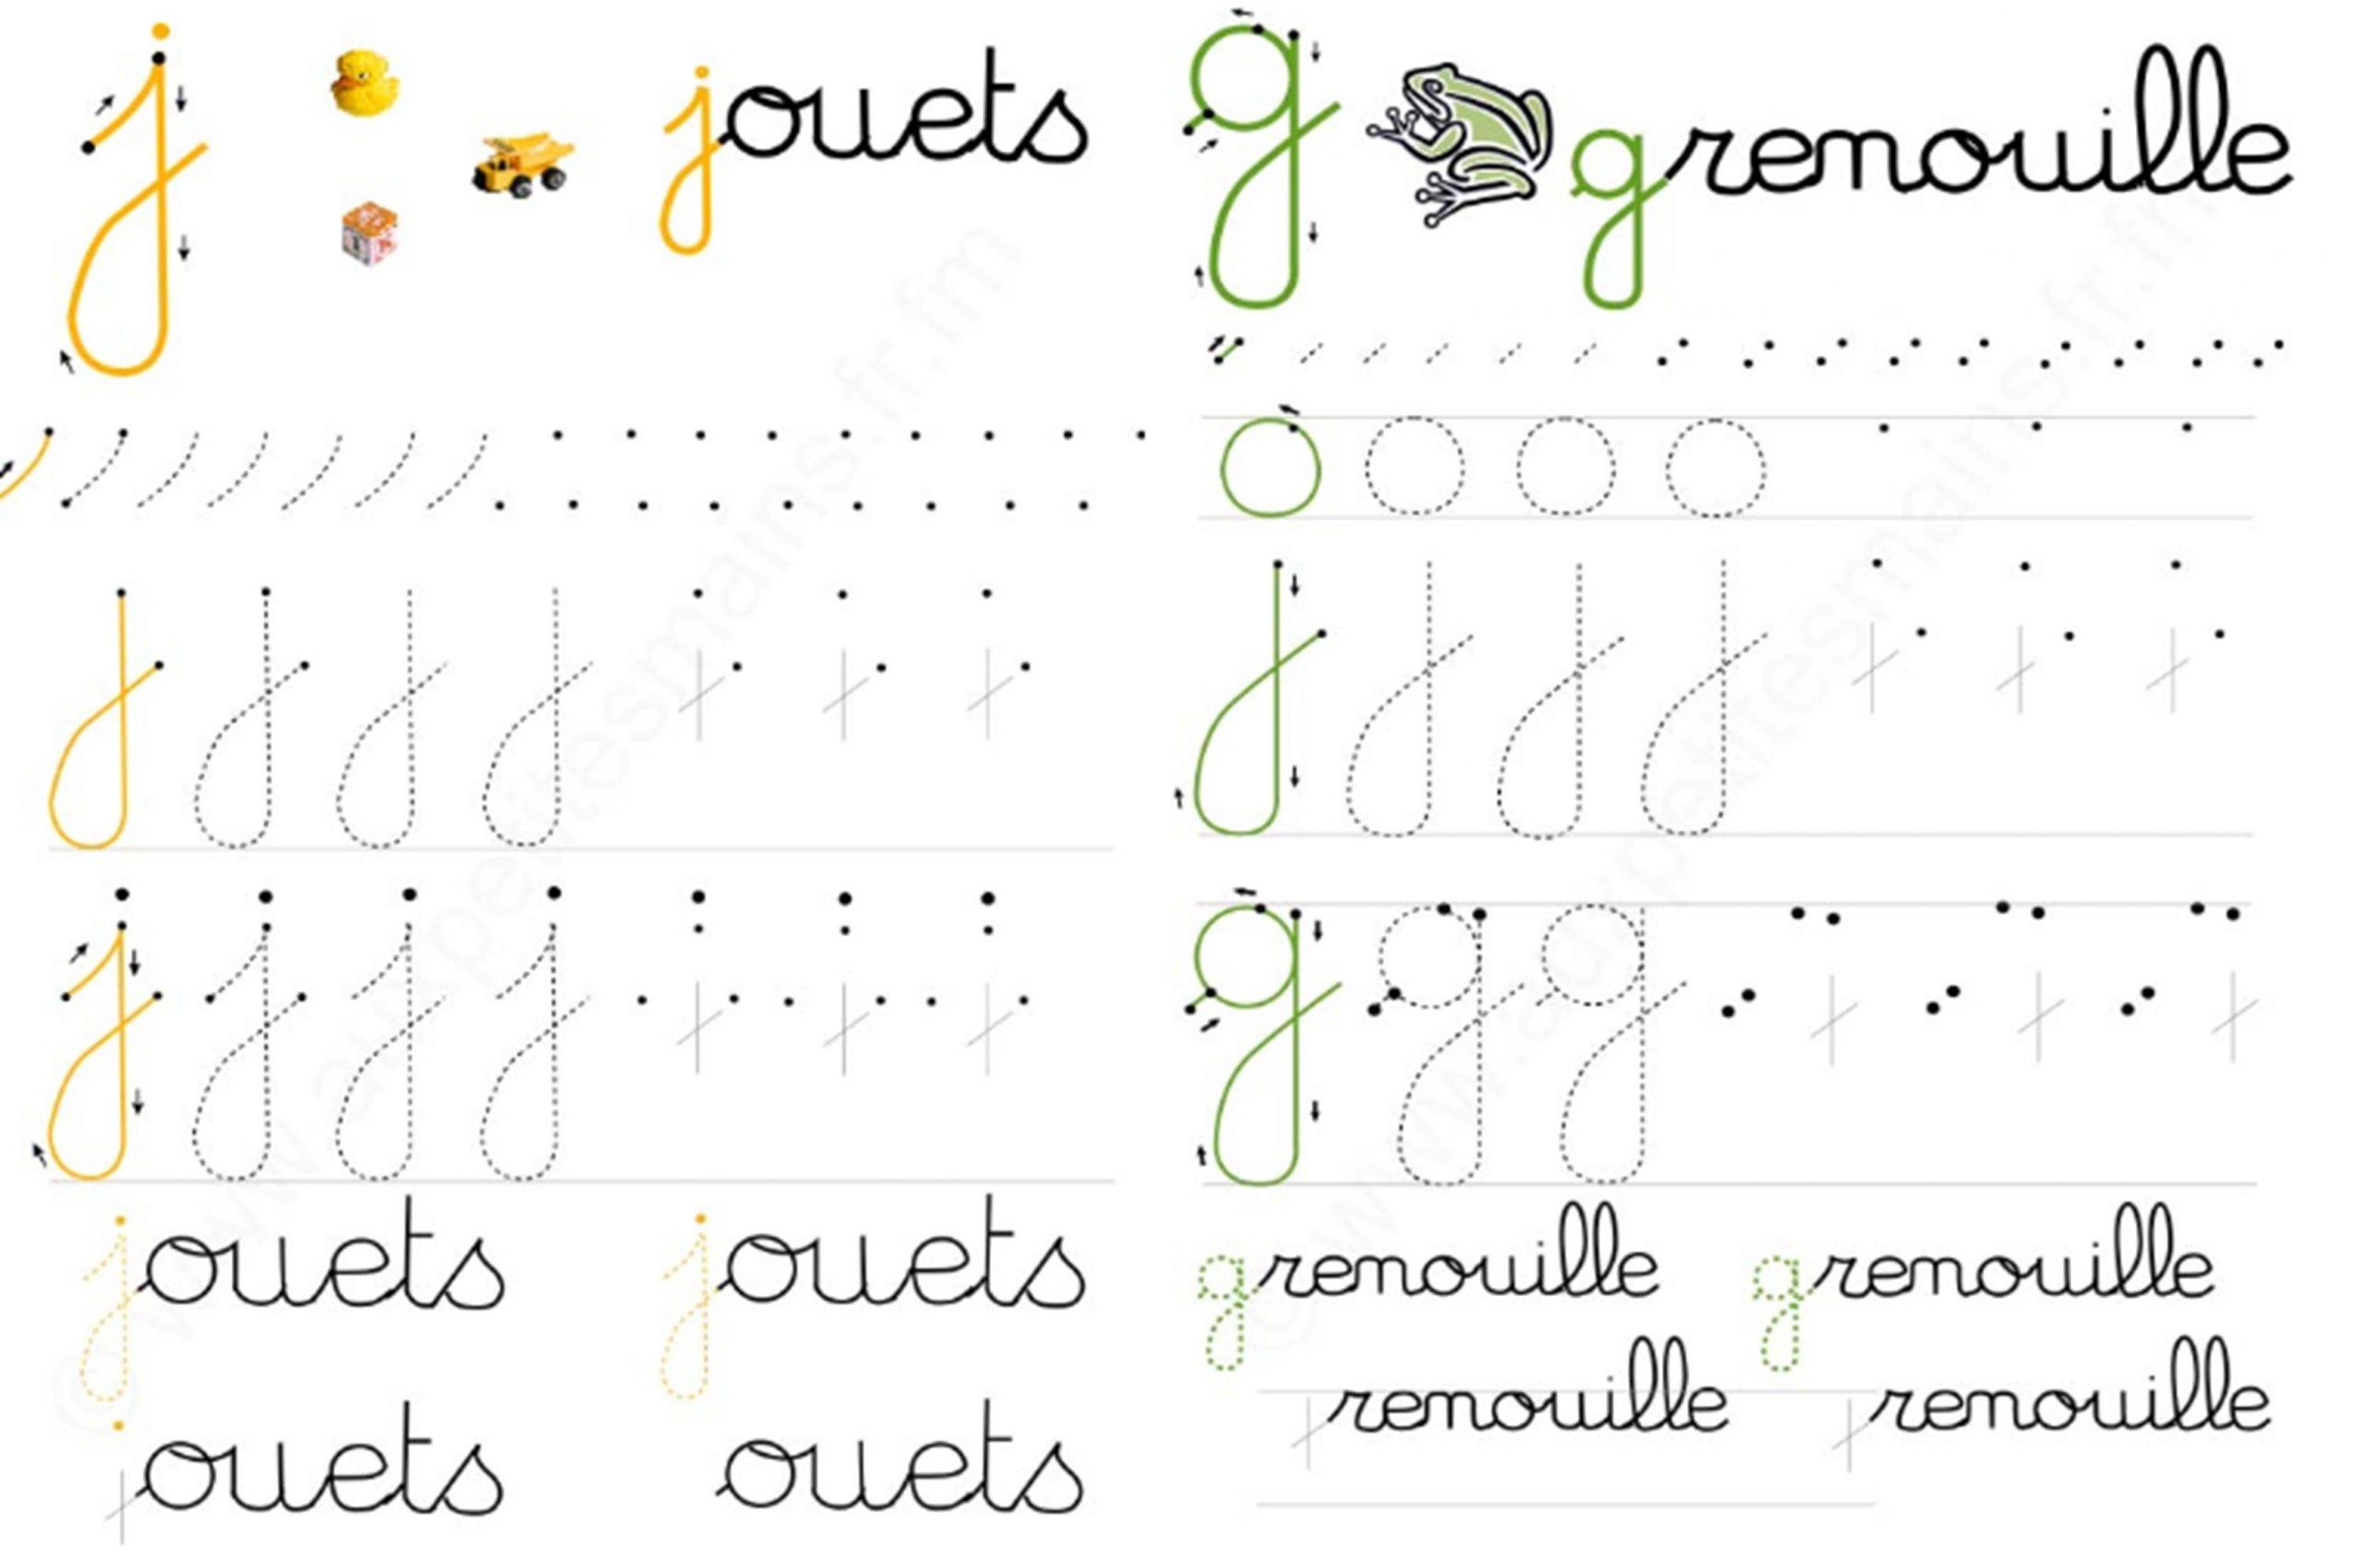 Fichier D'écriture Grande Section | Le Blog De Monsieur Mathieu intérieur Graphisme Maternelle A Imprimer Gratuit